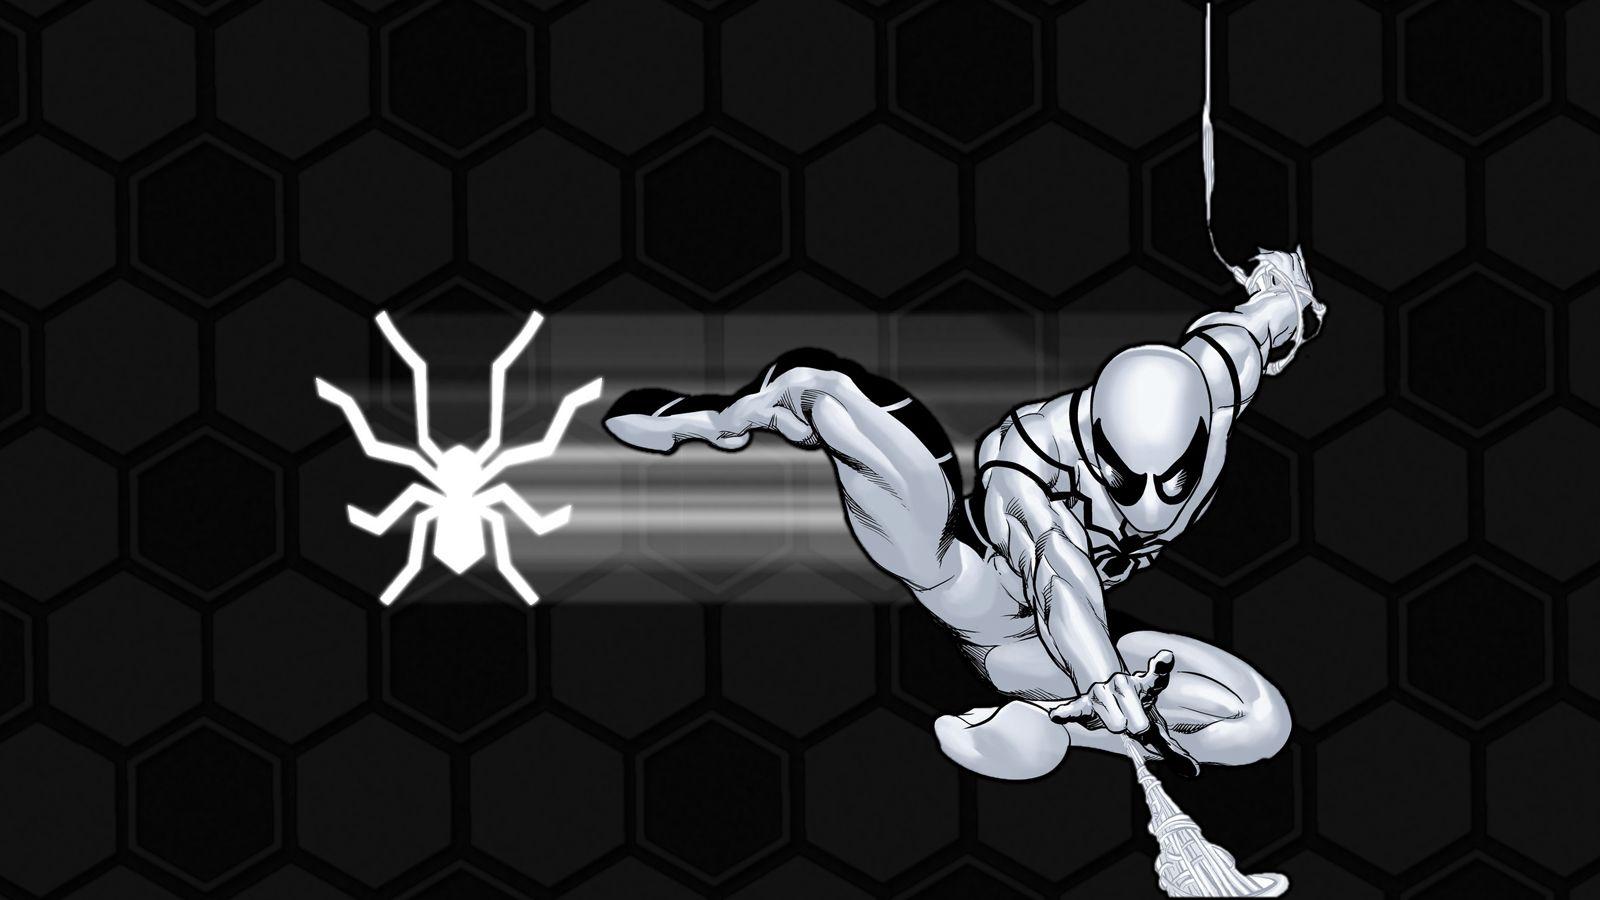 касаткина замечательная белый человек паук картинка переживает самые